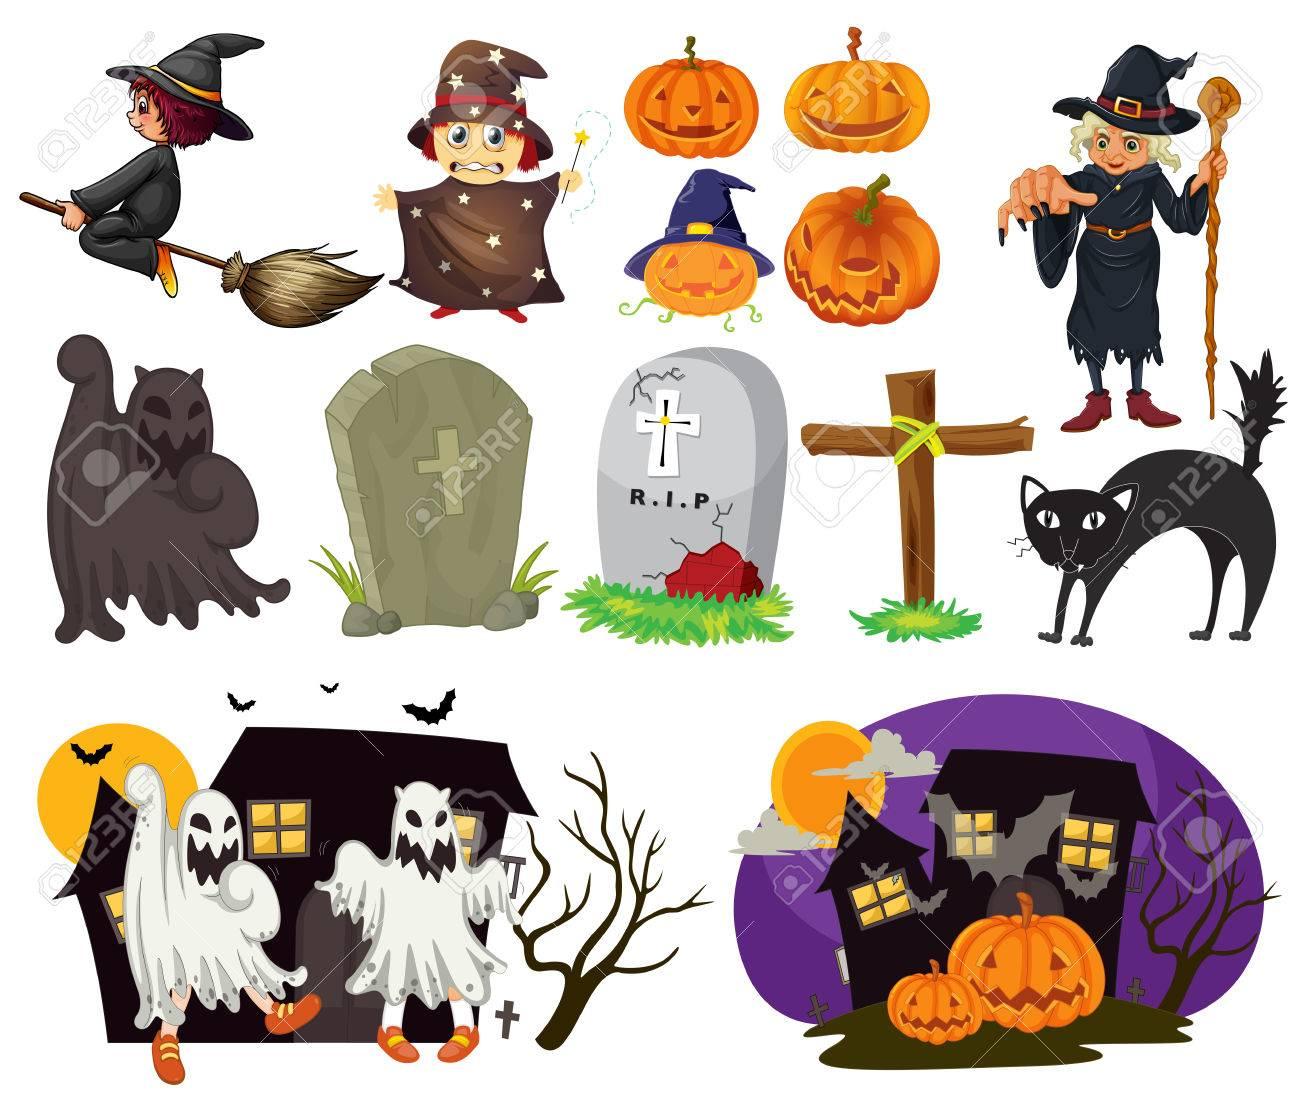 Halloween Artikelen.Verschillende Ontwerpen Van Halloween Artikelen En Scenes